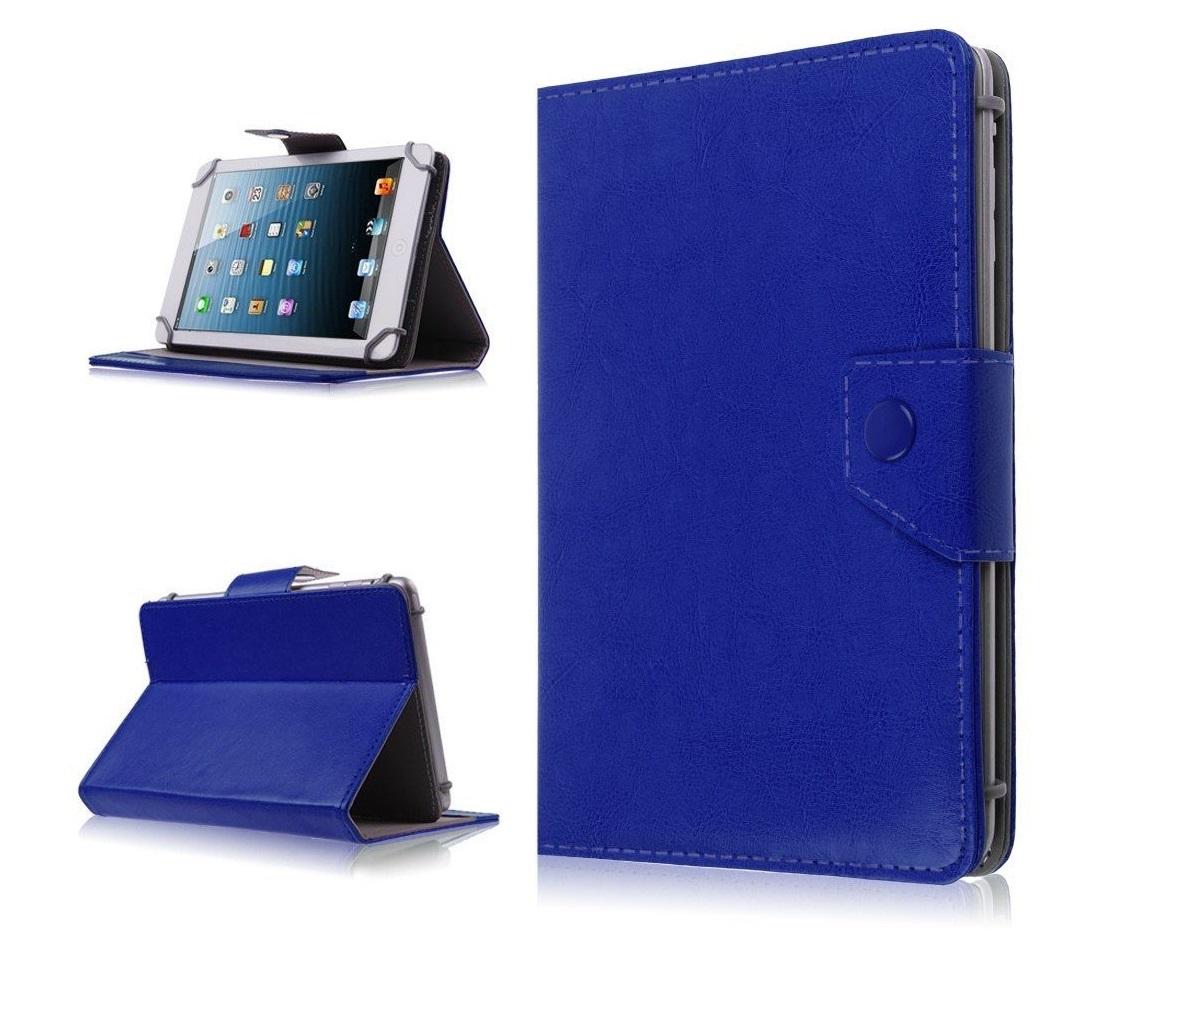 Husa Tableta 7 Inch Model X , Albastru , Tip Mapa , Prindere 4 Cleme